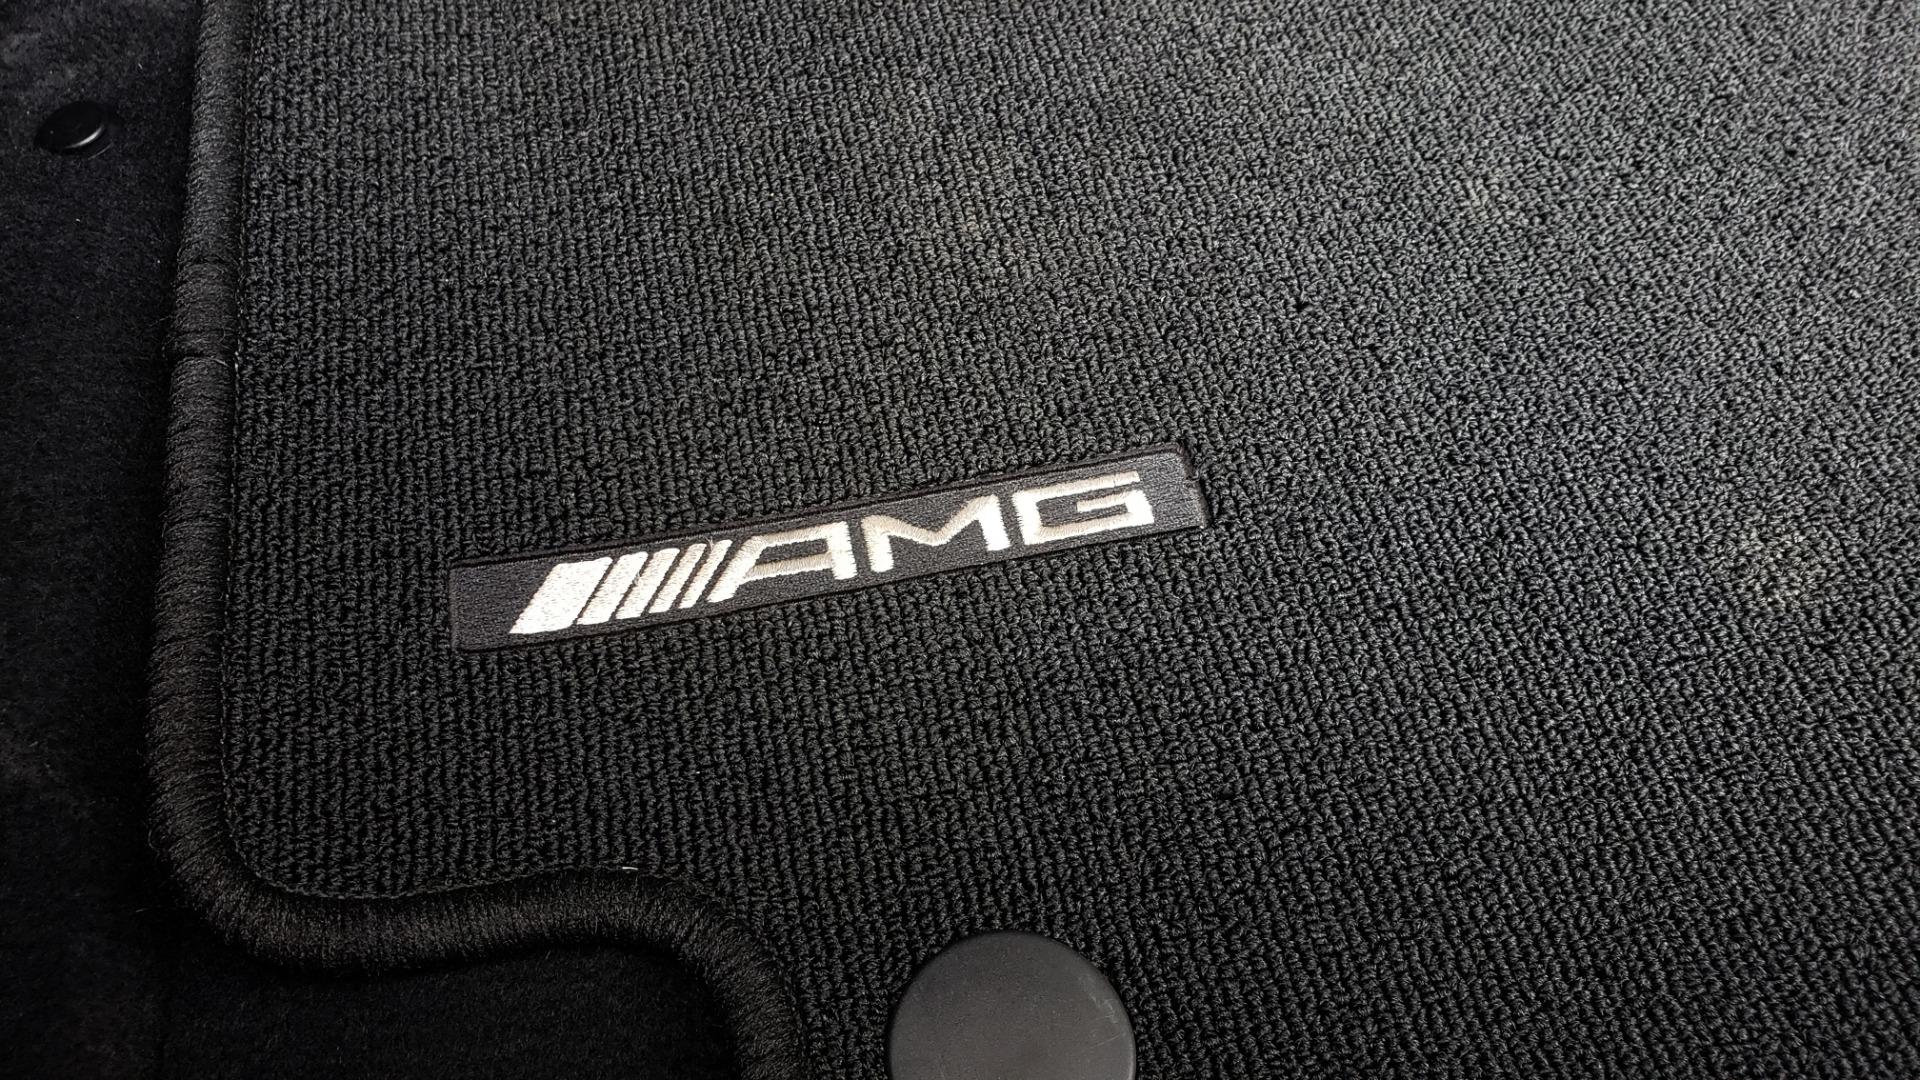 Used 2019 Mercedes-Benz C-CLASS C 300 CABRIOLET / PREM PKG / NAV / BURMESTER / MULTIMEDIA for sale Sold at Formula Imports in Charlotte NC 28227 64